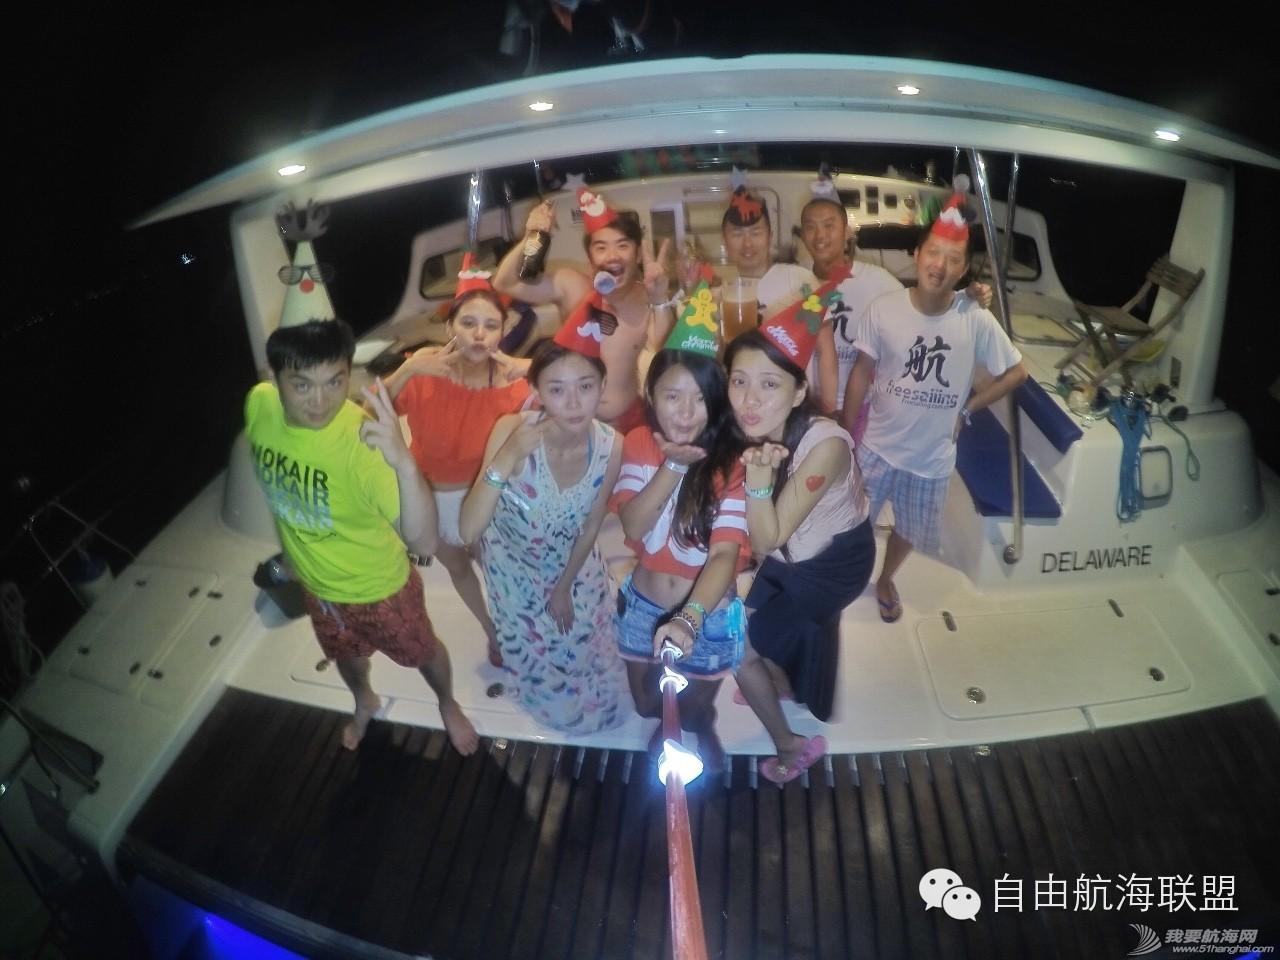 泰国 泰国安达曼海 游艇&美人鱼写真之旅 3542c6cc388a2012a9de9d167a271e64.jpg